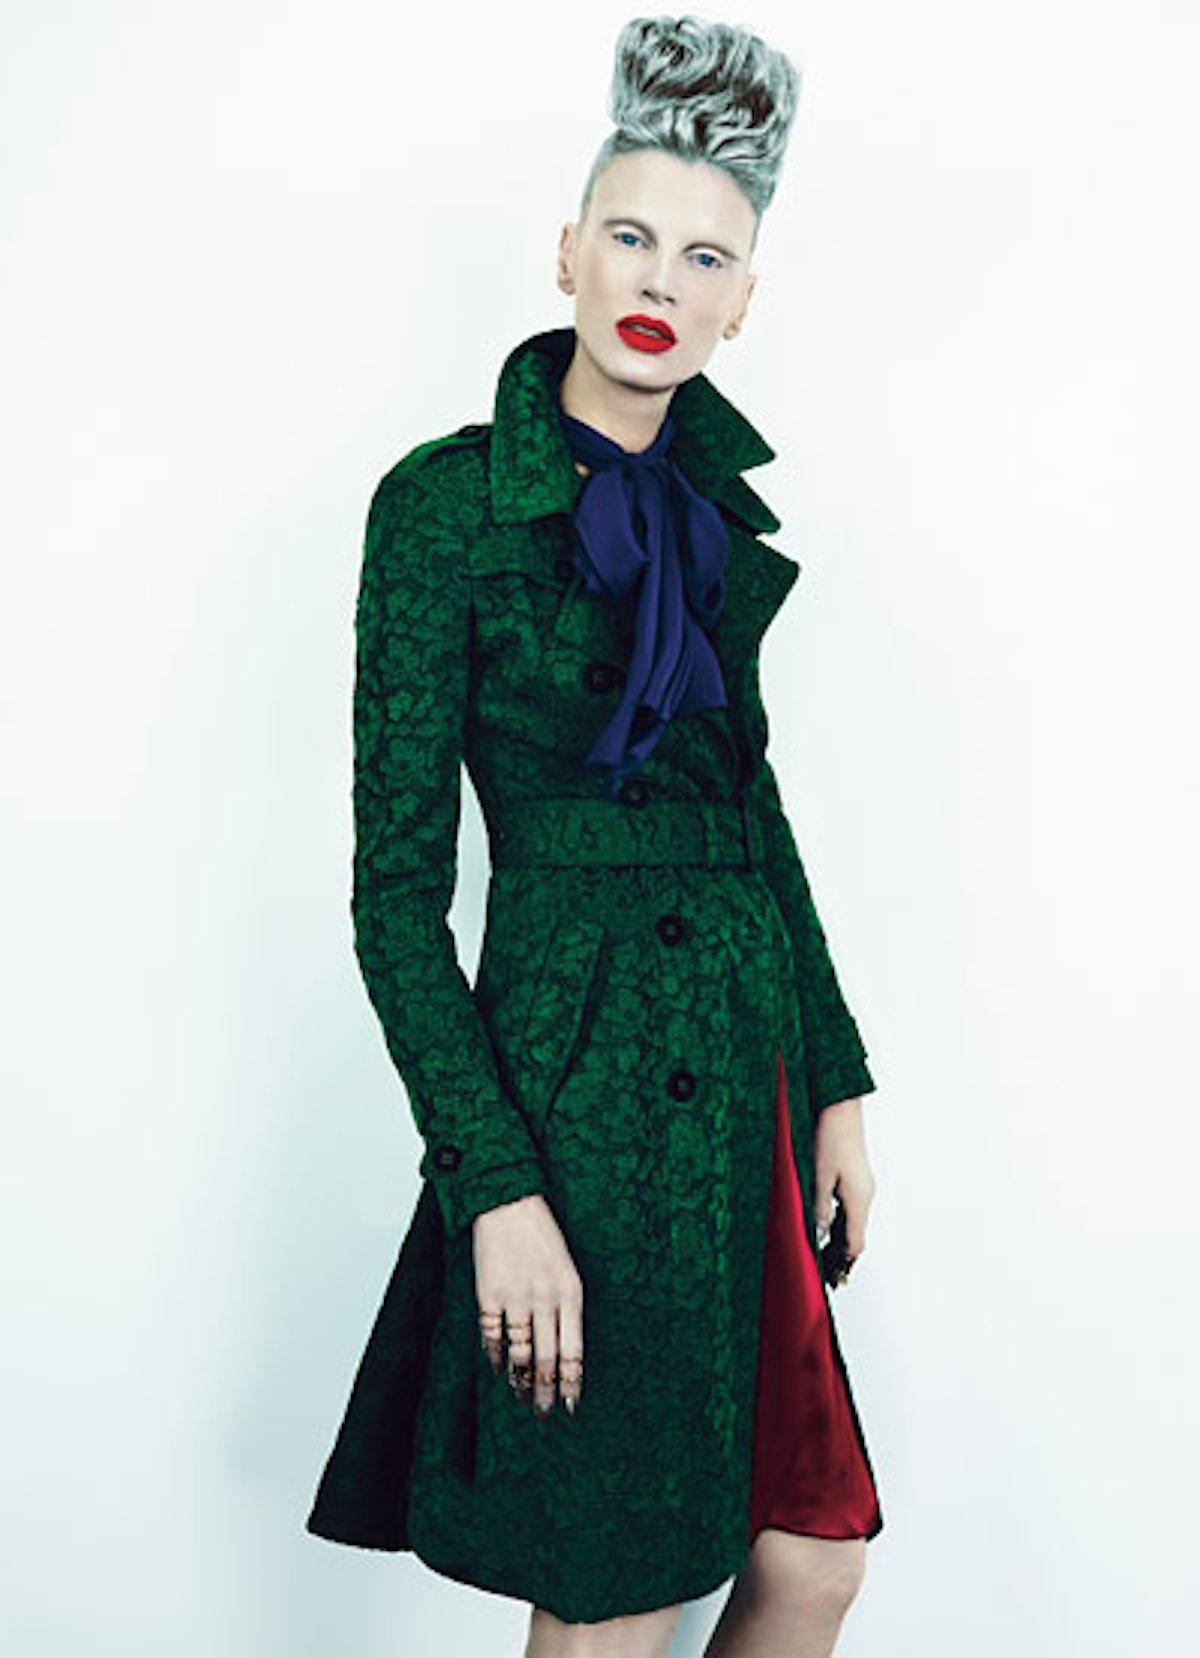 bess-val-garland-makeup-artist-02-v.jpg